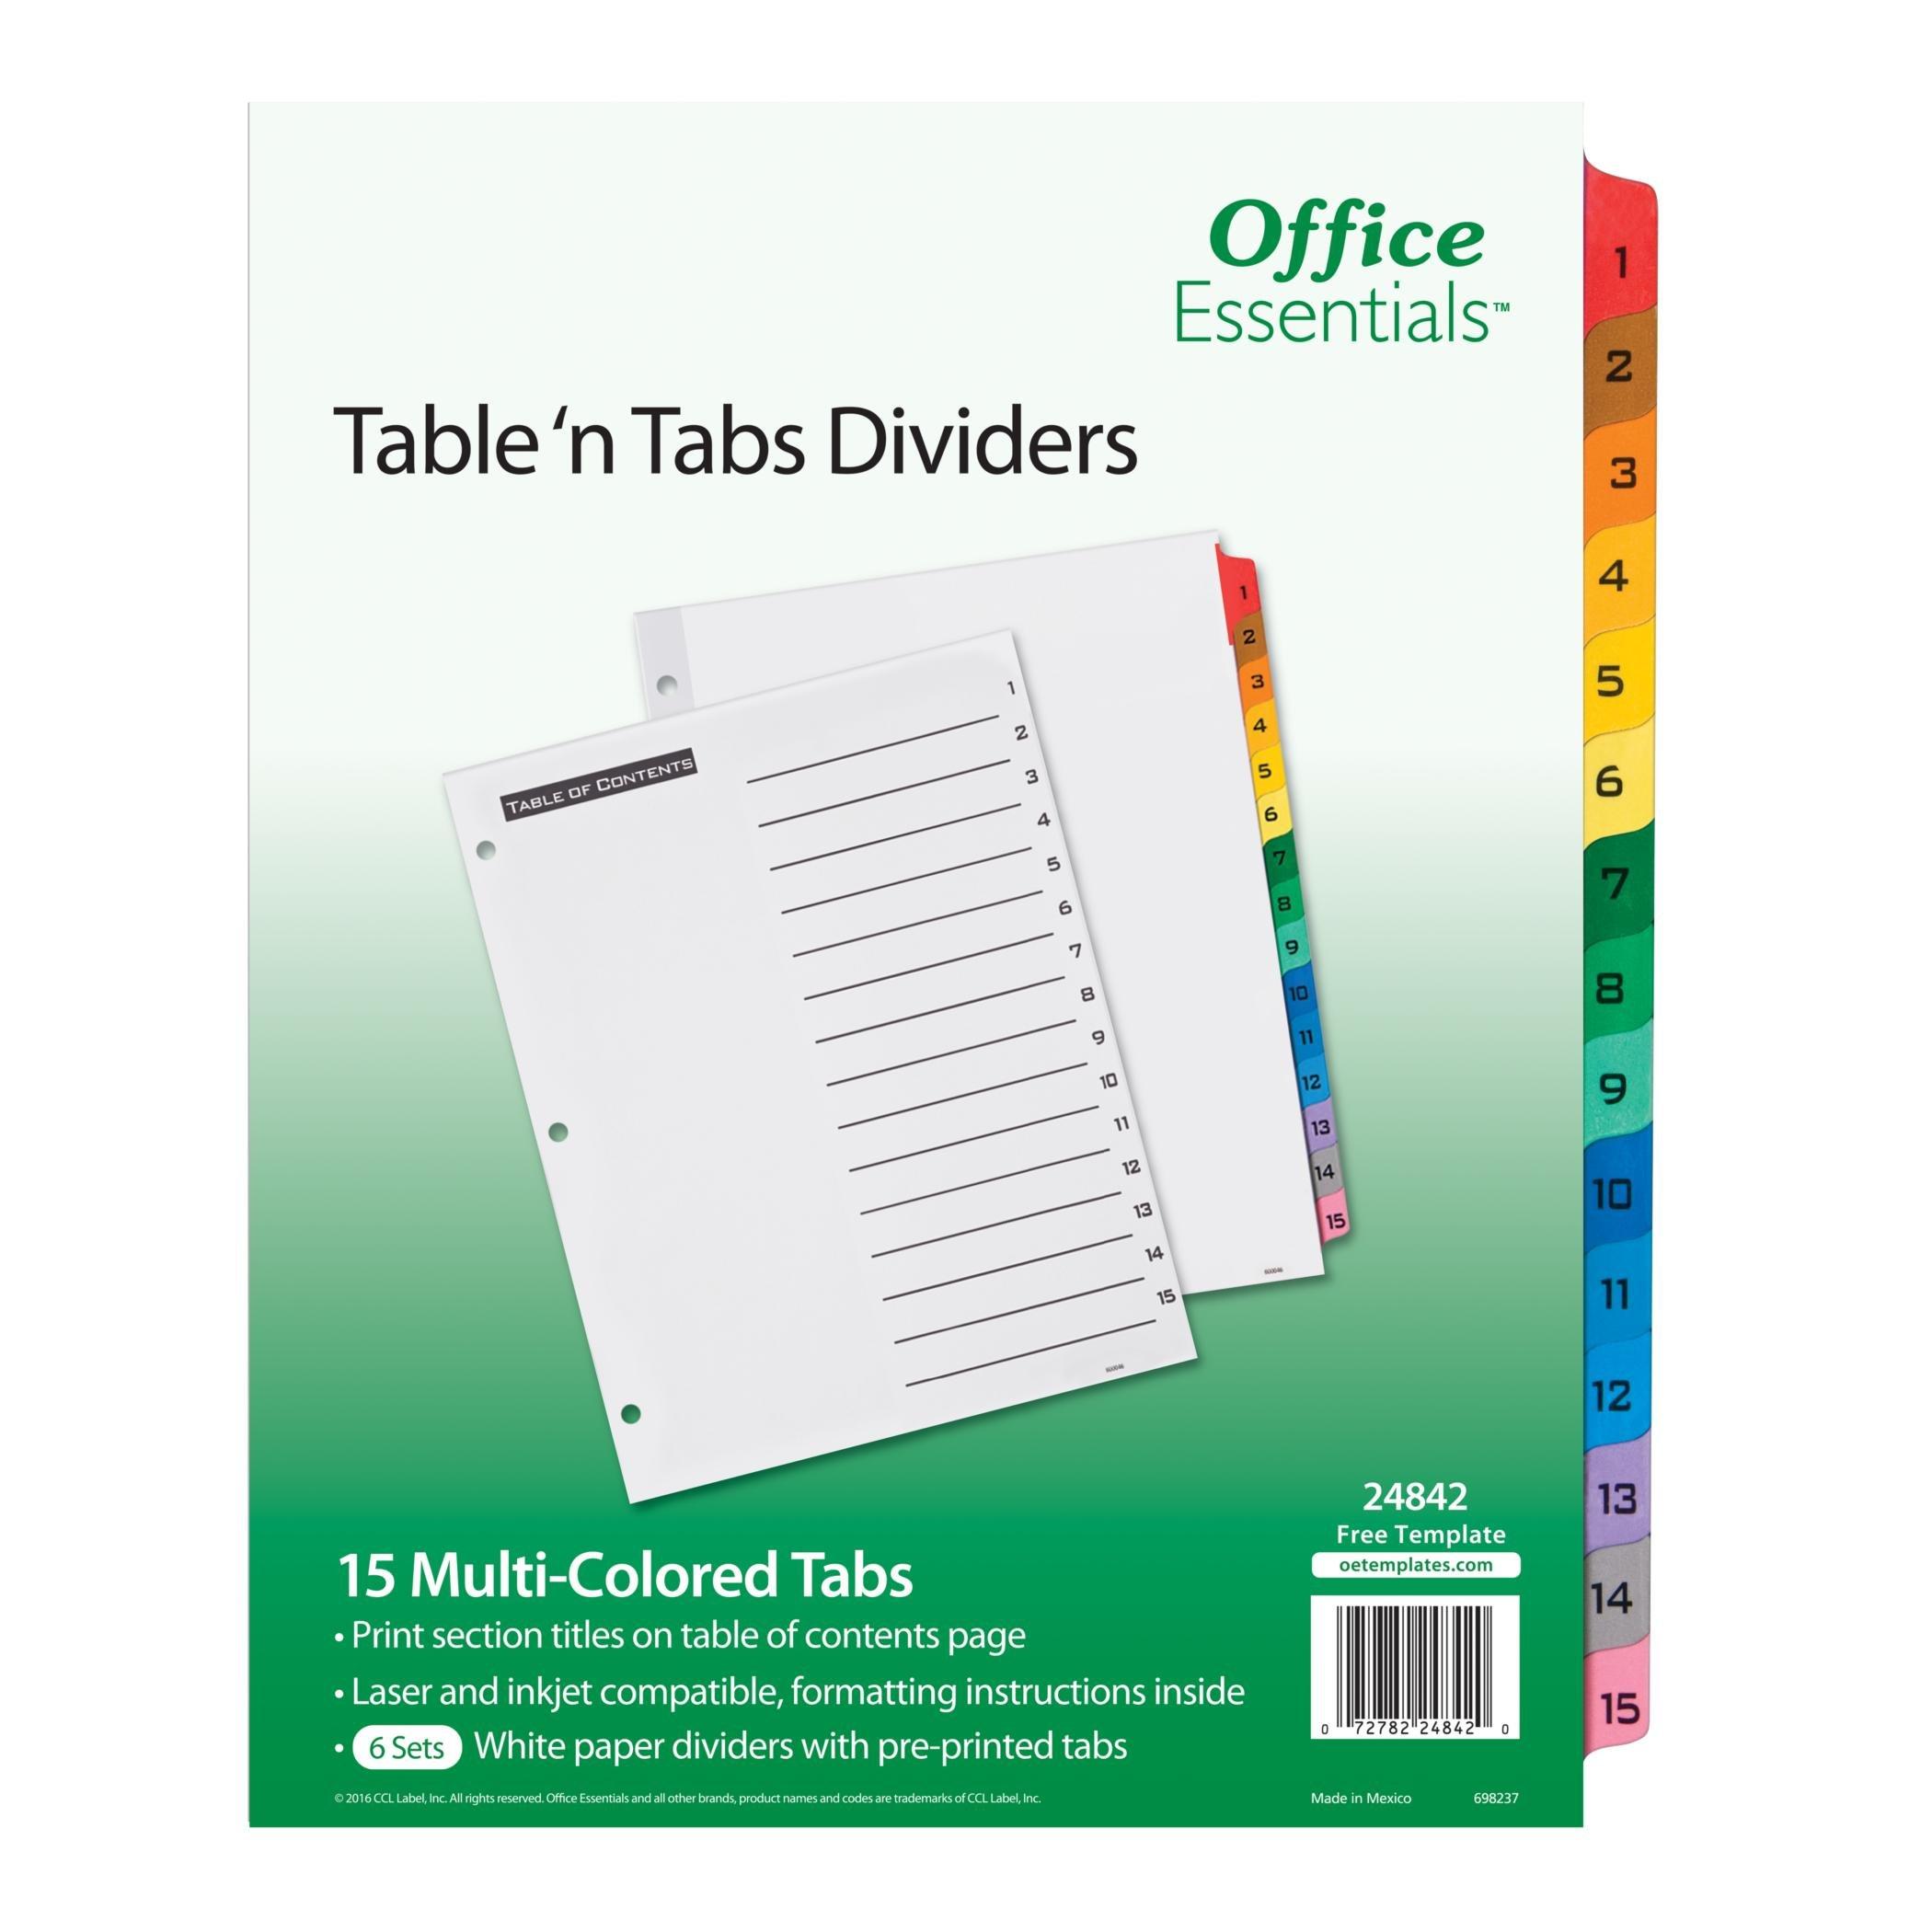 Office Essentials Table 'n Tabs Dividers, 8-1/2'' x 11'', 1-15 Tab, Multicolor Tab, Laser/Inkjet, 6 Pack (24842)